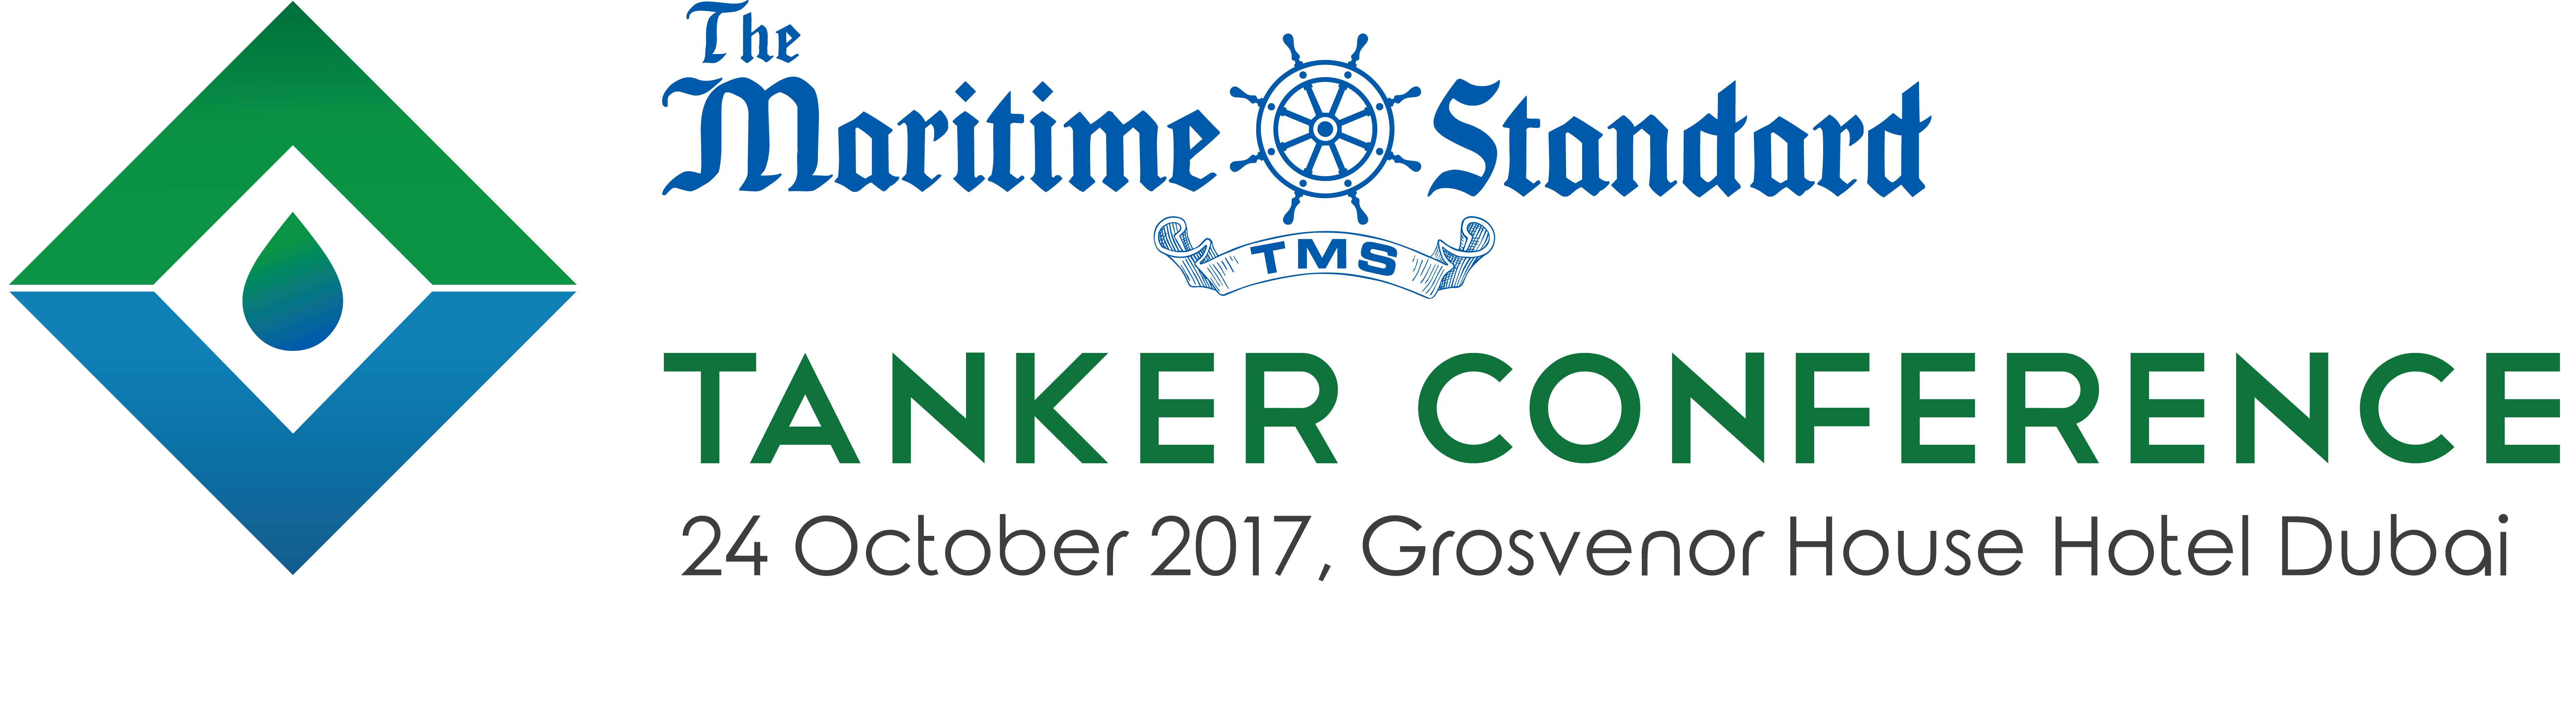 مؤتمر الناقلات البحرية يناقش التهديدات الالكترونية في اكتوبر  المقبل 1